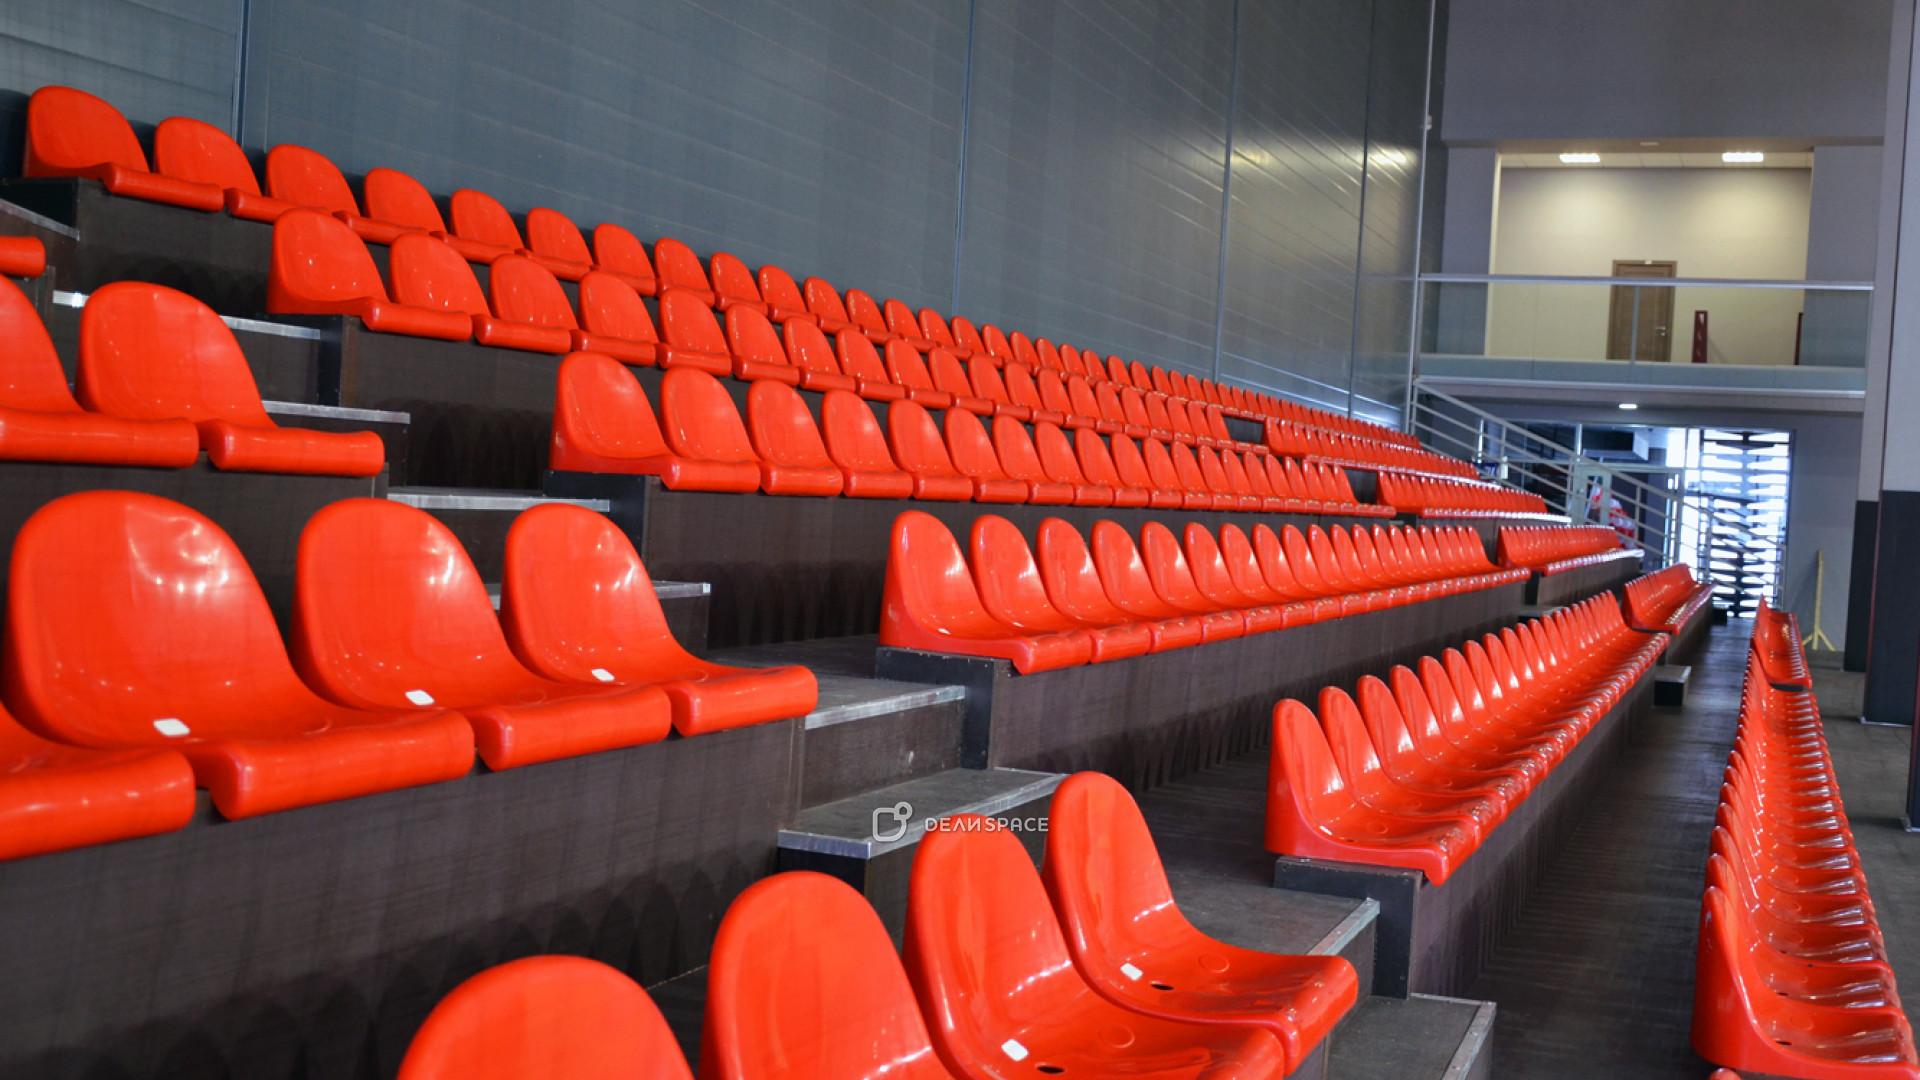 Профессиональная игровая арена с трибунами - фото №7